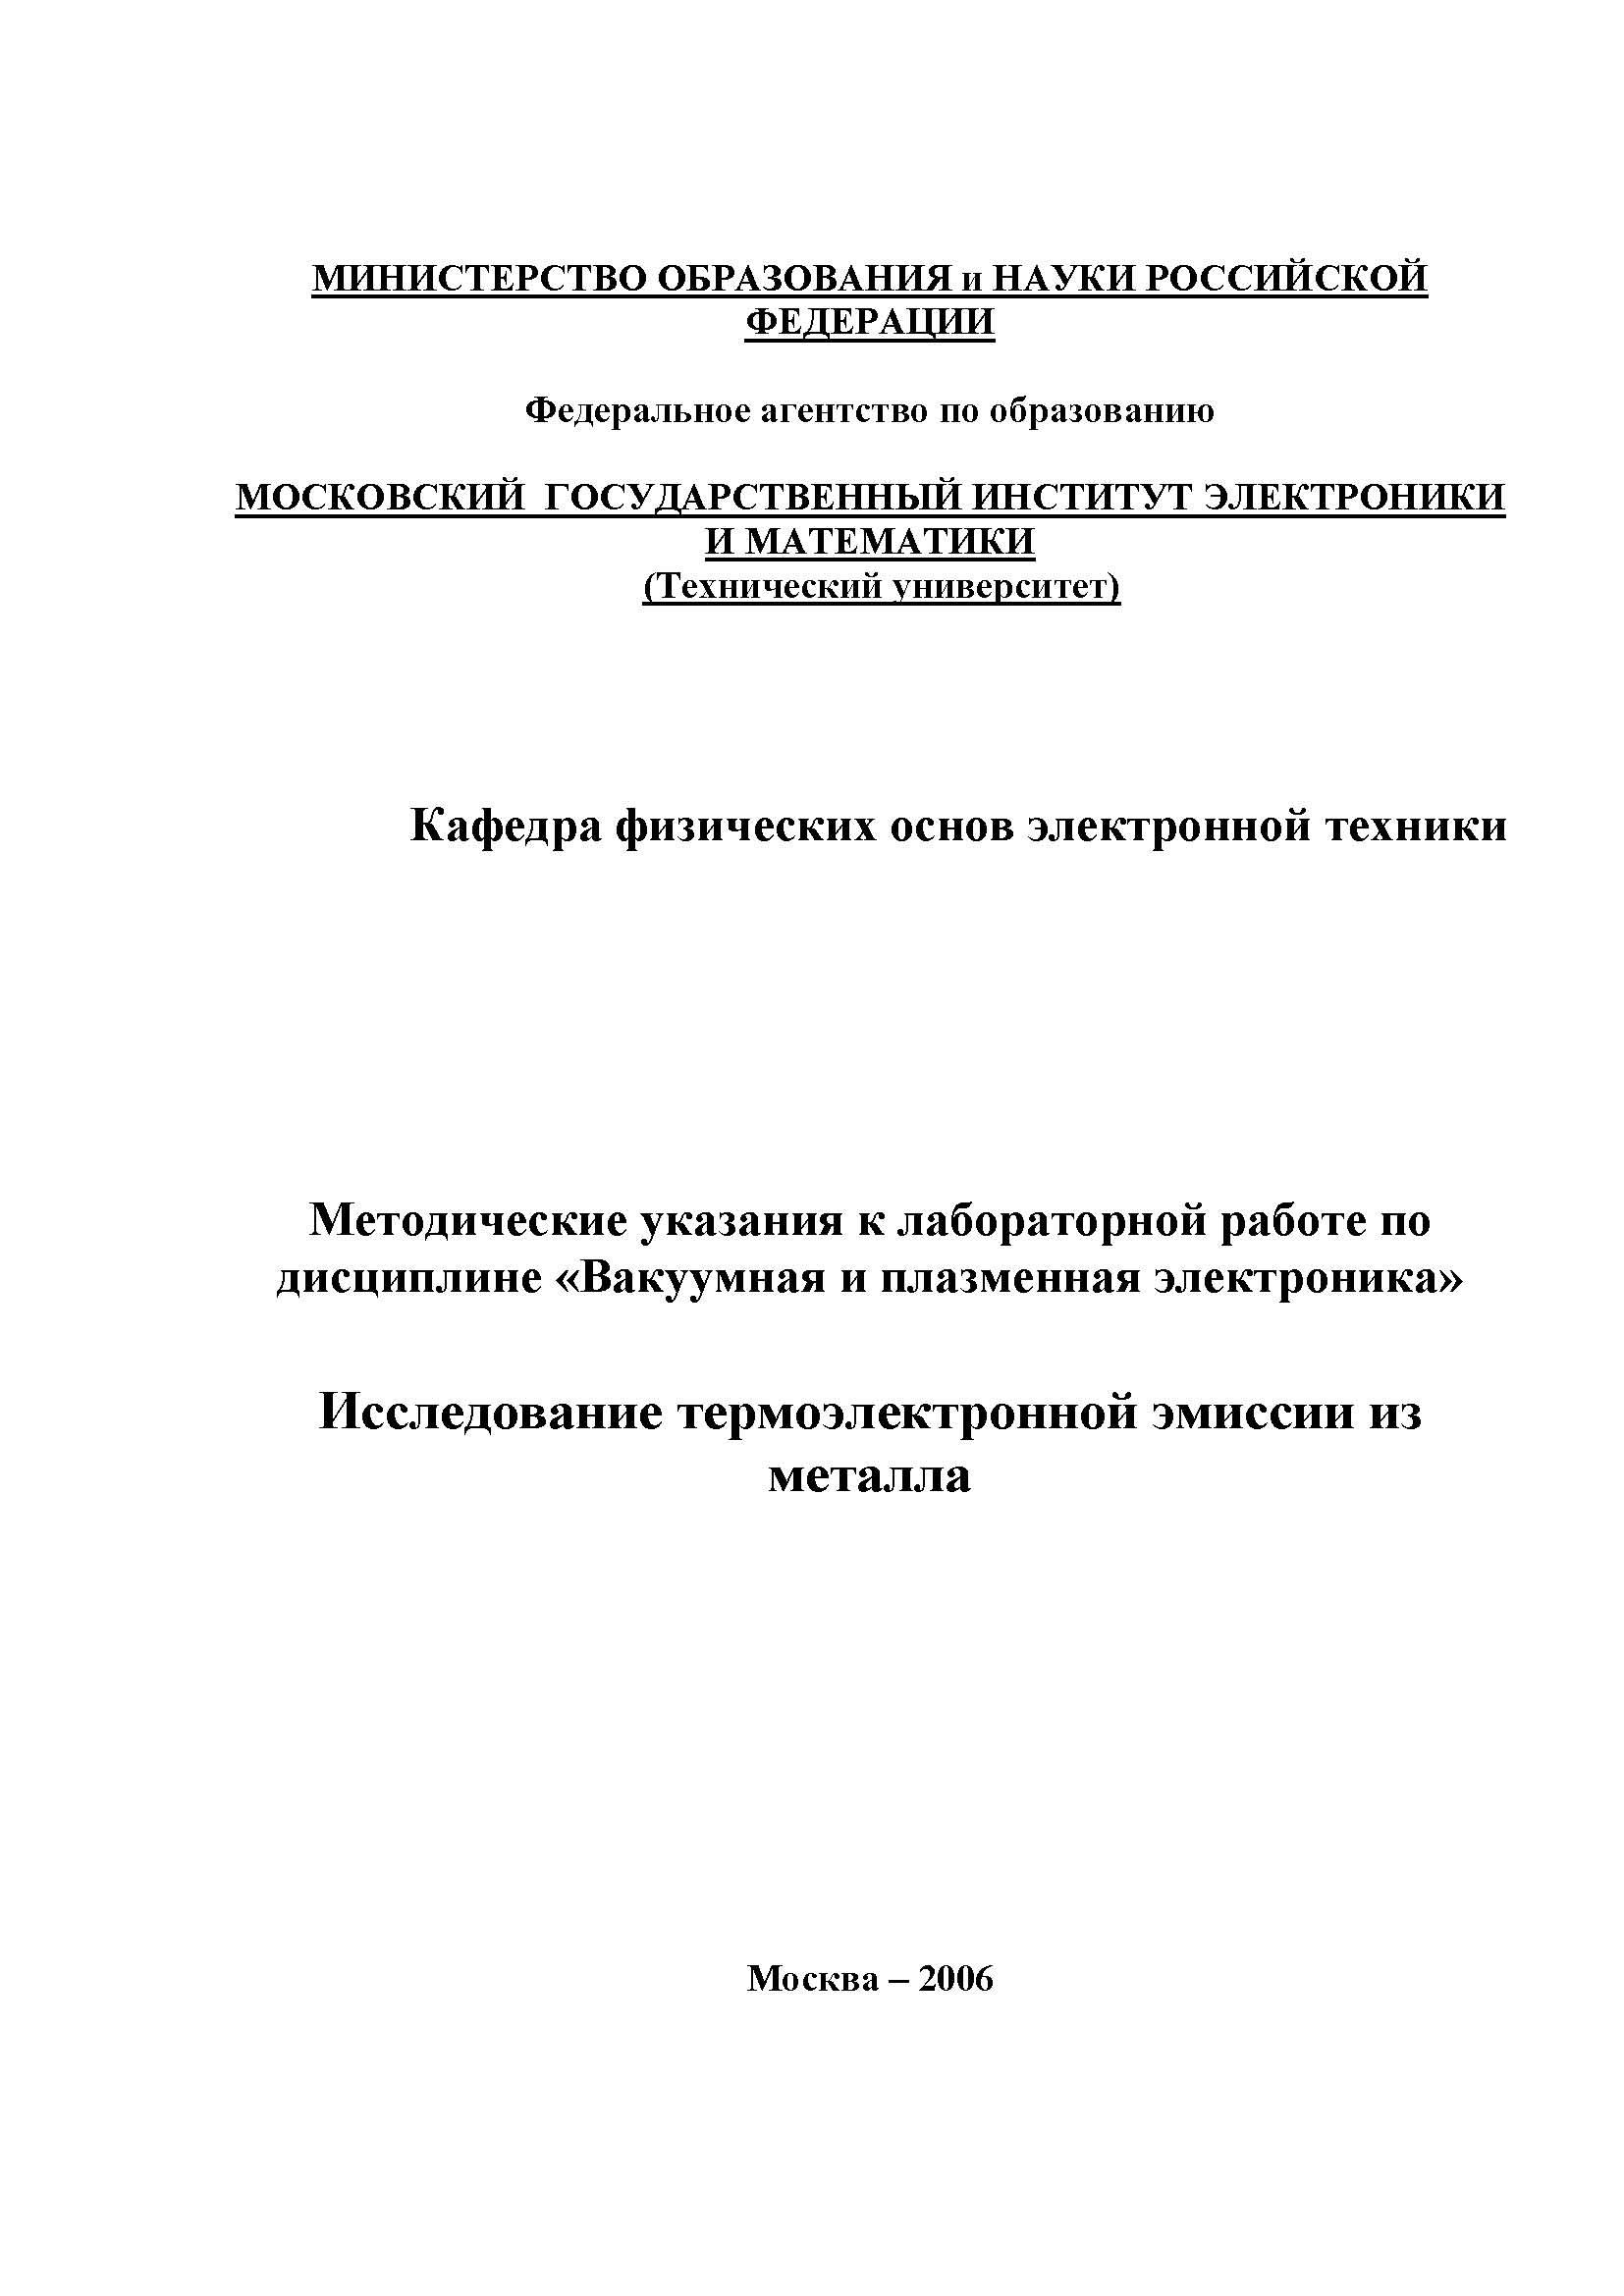 Термоэлектронная эмиссия: понятие, особенности. термоэлектронная эмиссия в вакууме :: businessman.ru